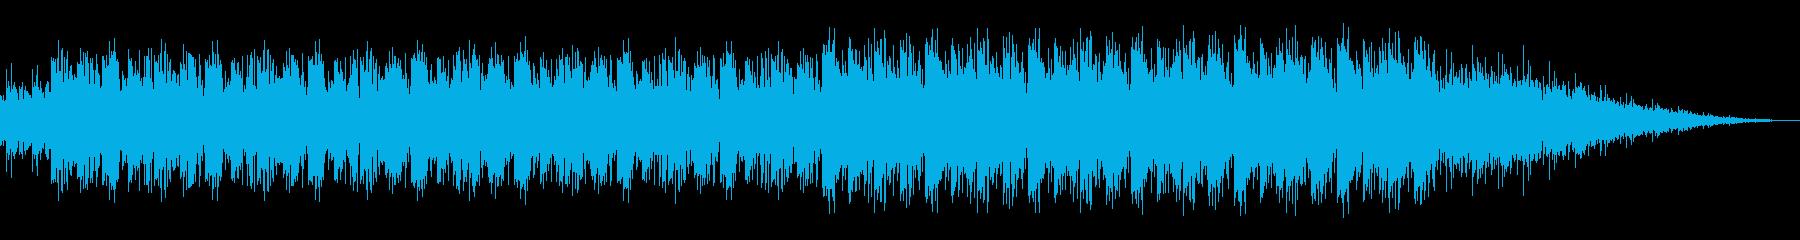 東南アジア風のエスニック音楽の再生済みの波形